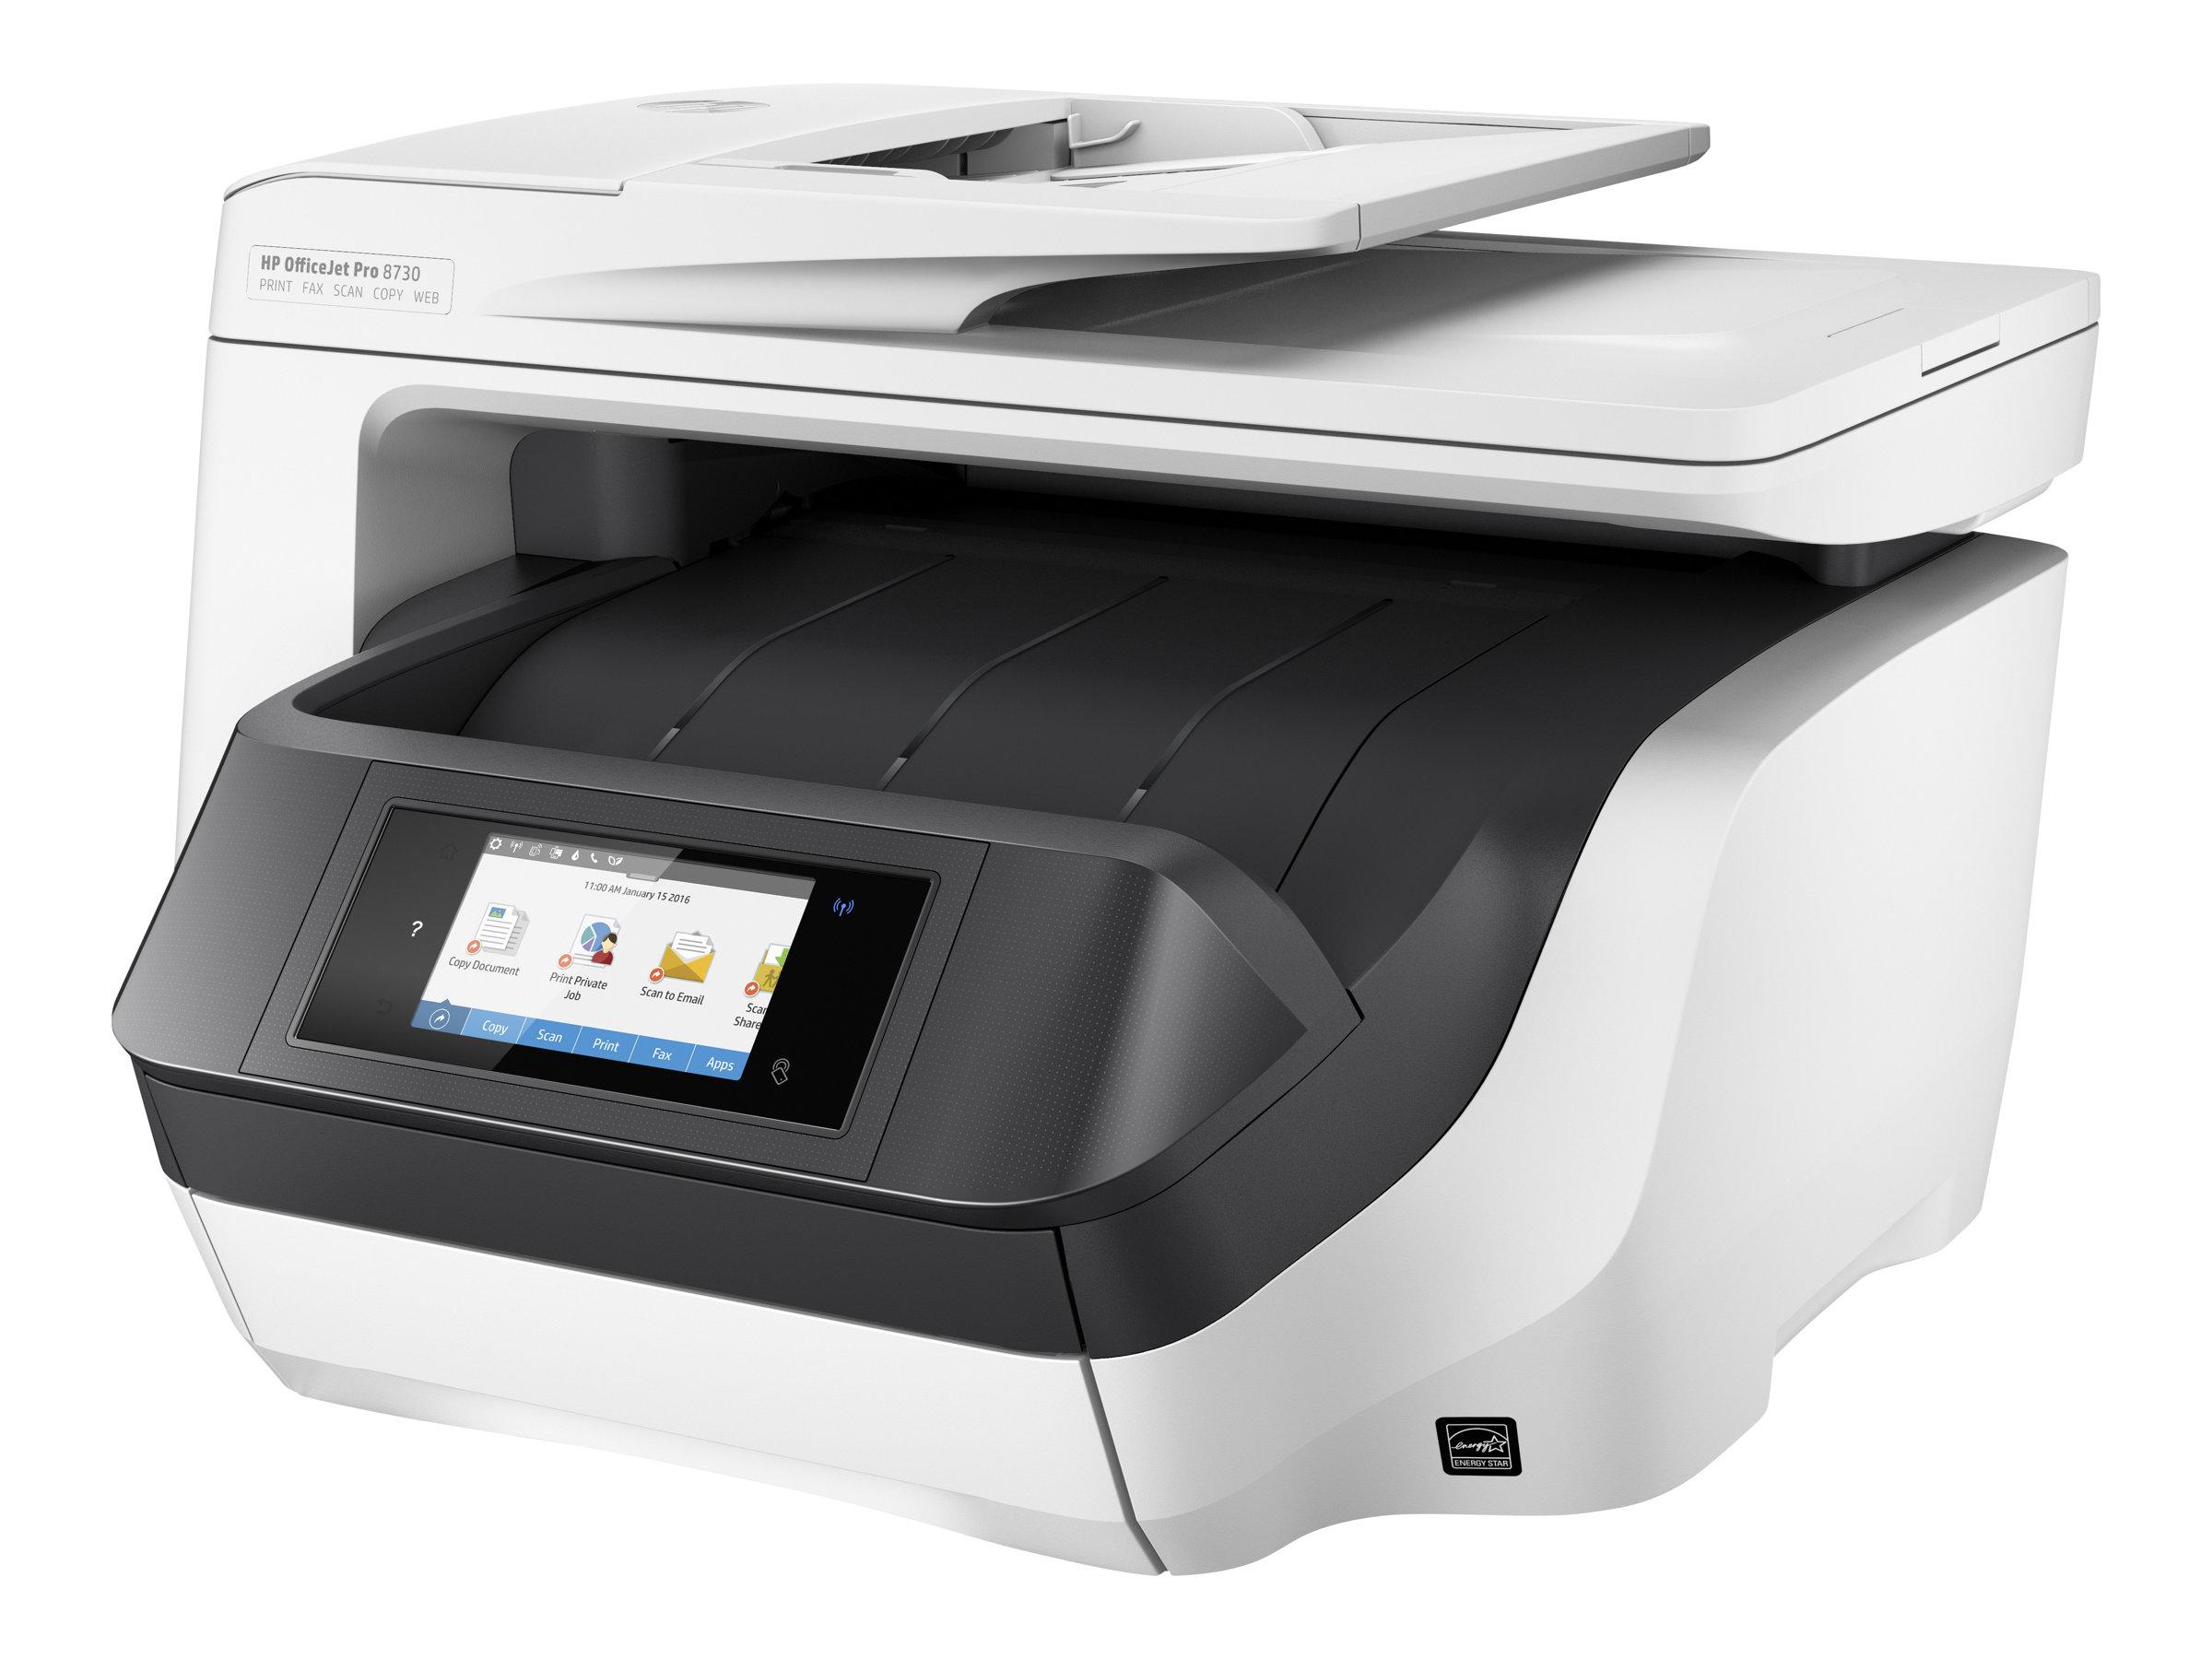 HP Officejet Pro 8730 All-in-One 4 in 1 - Multifunktionsdrucker (Farbe) - A4 - bis zu 36 S./Min. (Kopier.&Druck.) - 250 Bl. - USB 2.0, LAN, WLAN, NFC